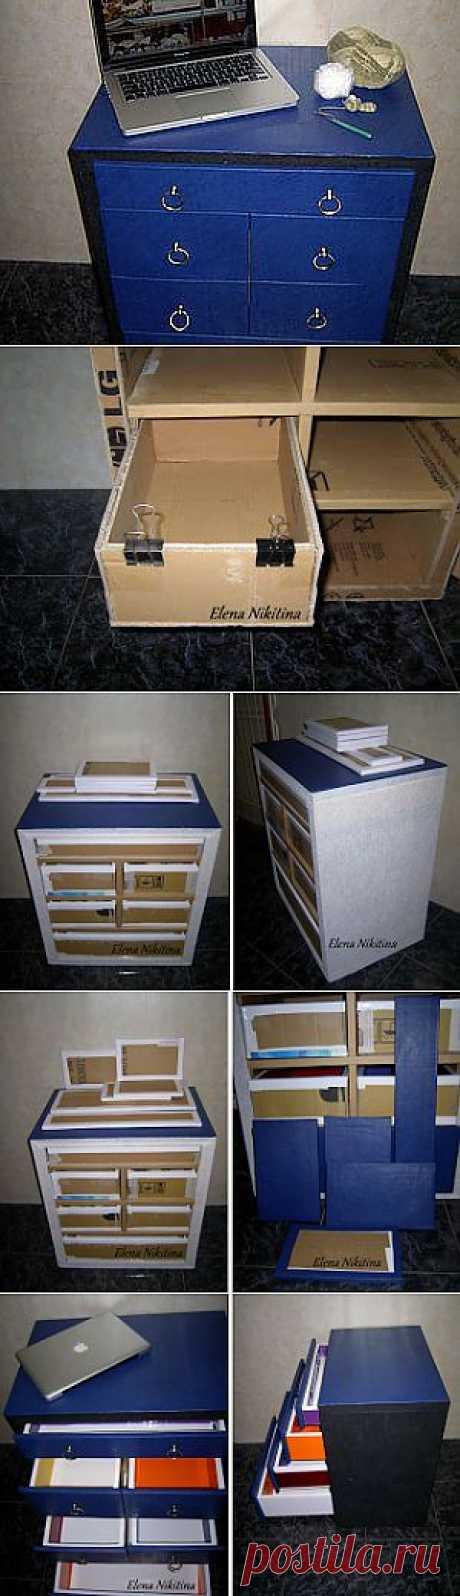 Комод из картона - Ярмарка Мастеров - ручная работа, handmade